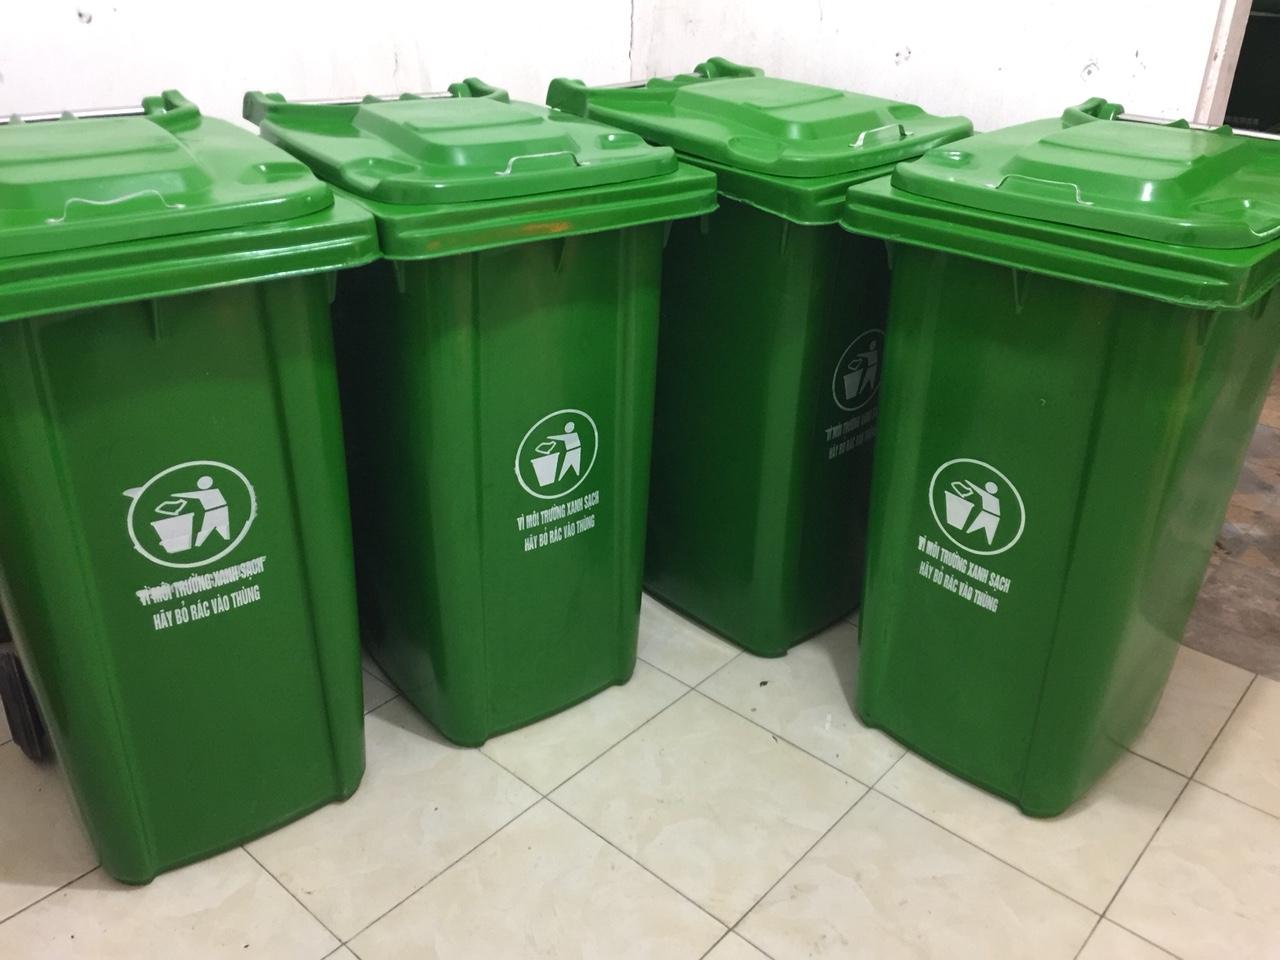 Bán các loại thùng đựng rác gia đình 60 lít - giao hàng miễn phí